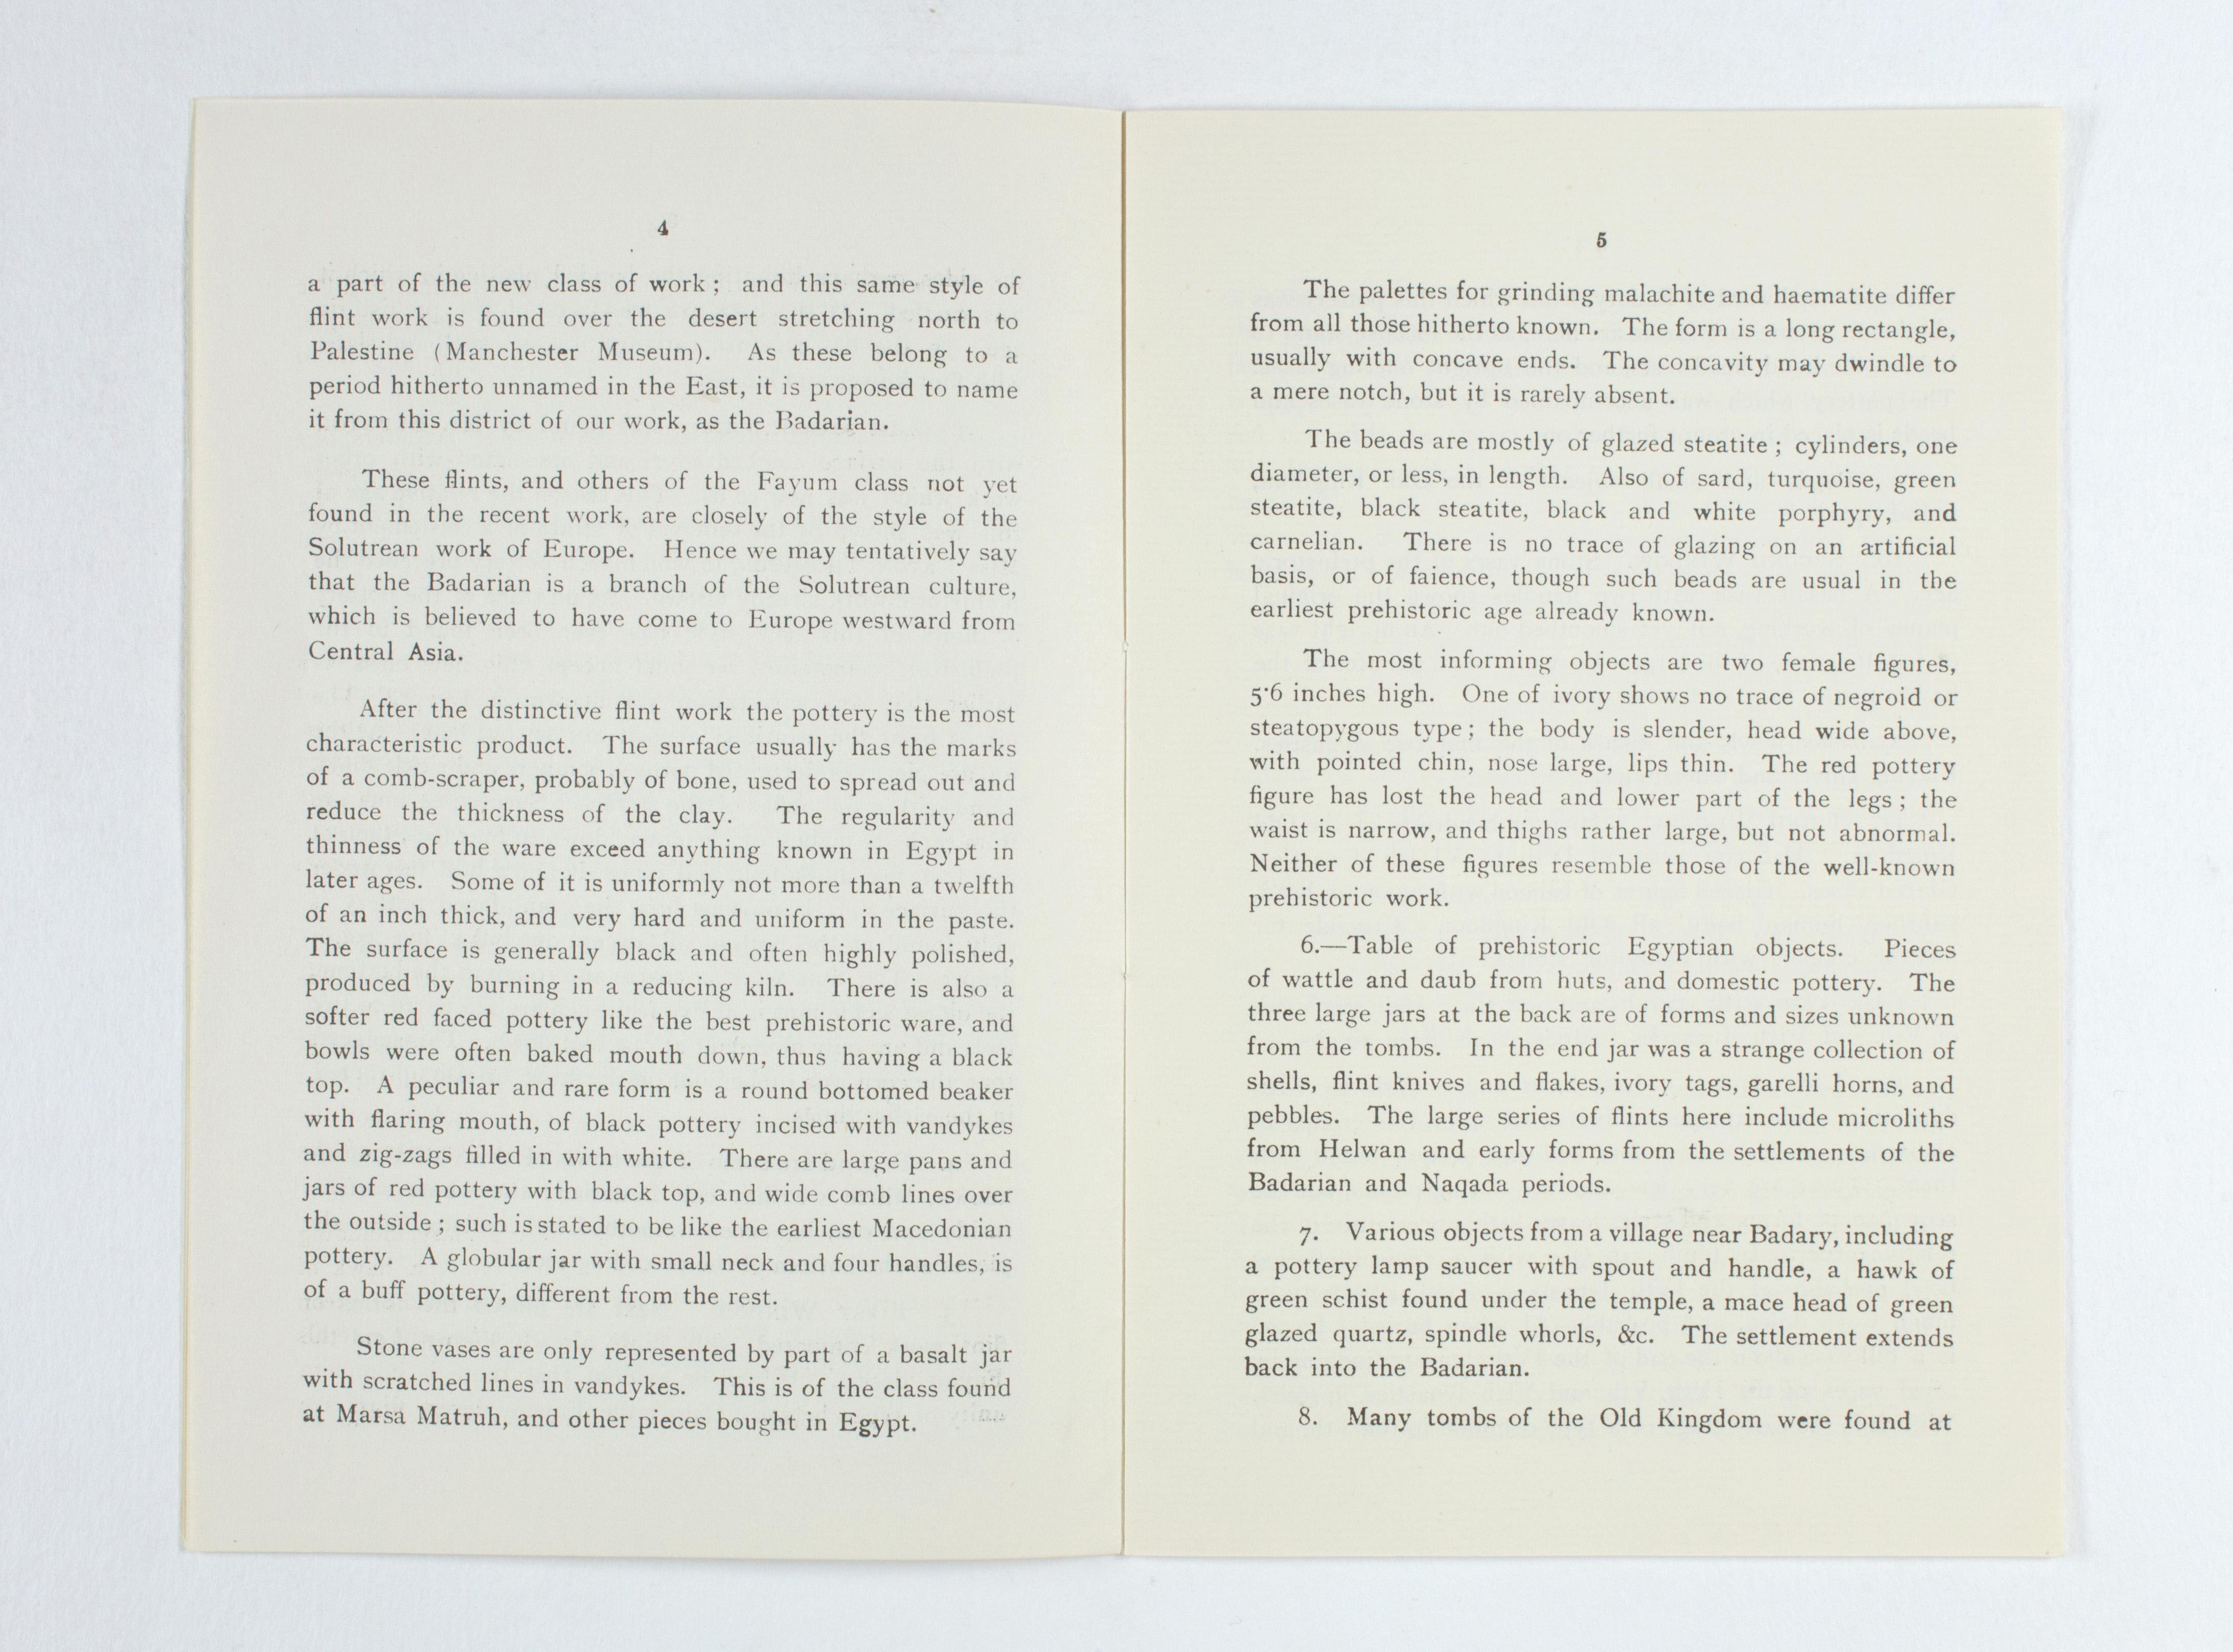 1923-24 Qau el-Kebir, Hemamieh Exhibition catalogue PMA/WFP1/D/27/31.5